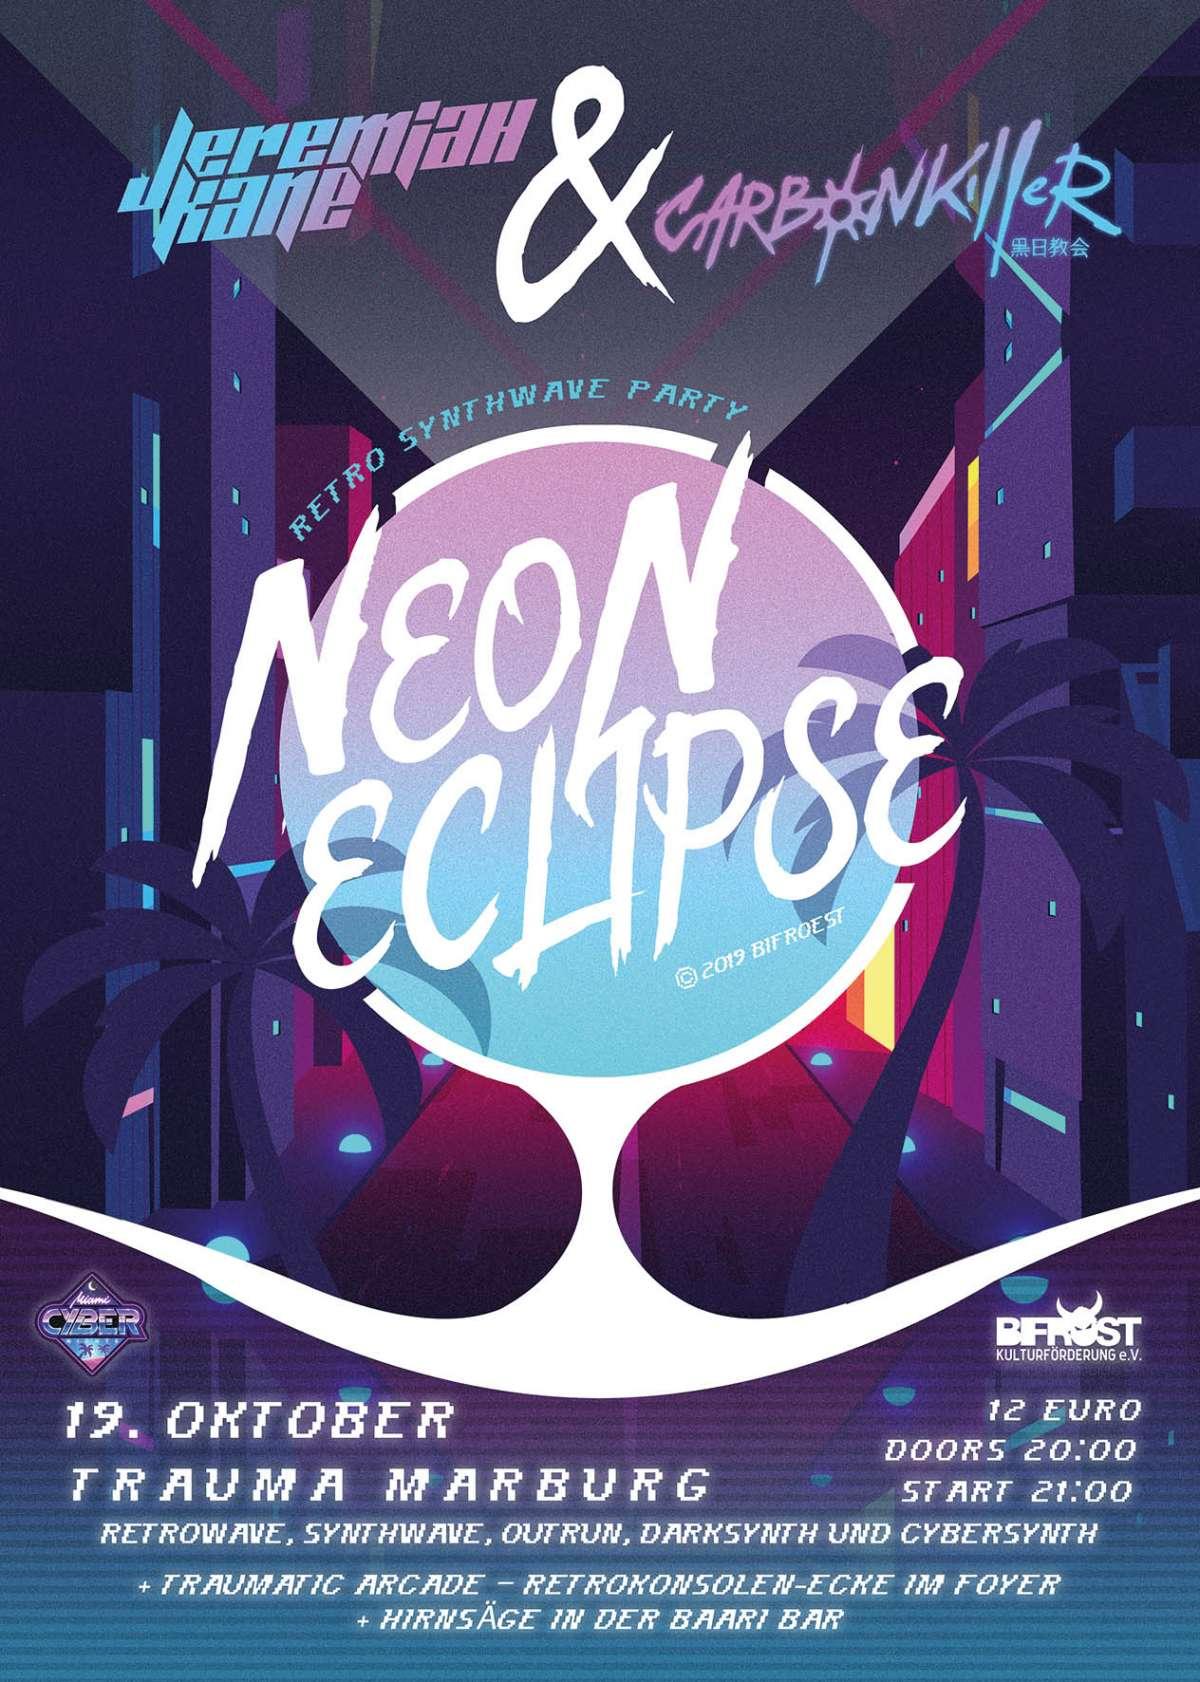 Neon Eclipse - Carbon Killer & Jeremiah Kane - Trauma im G-Werk - Marburg